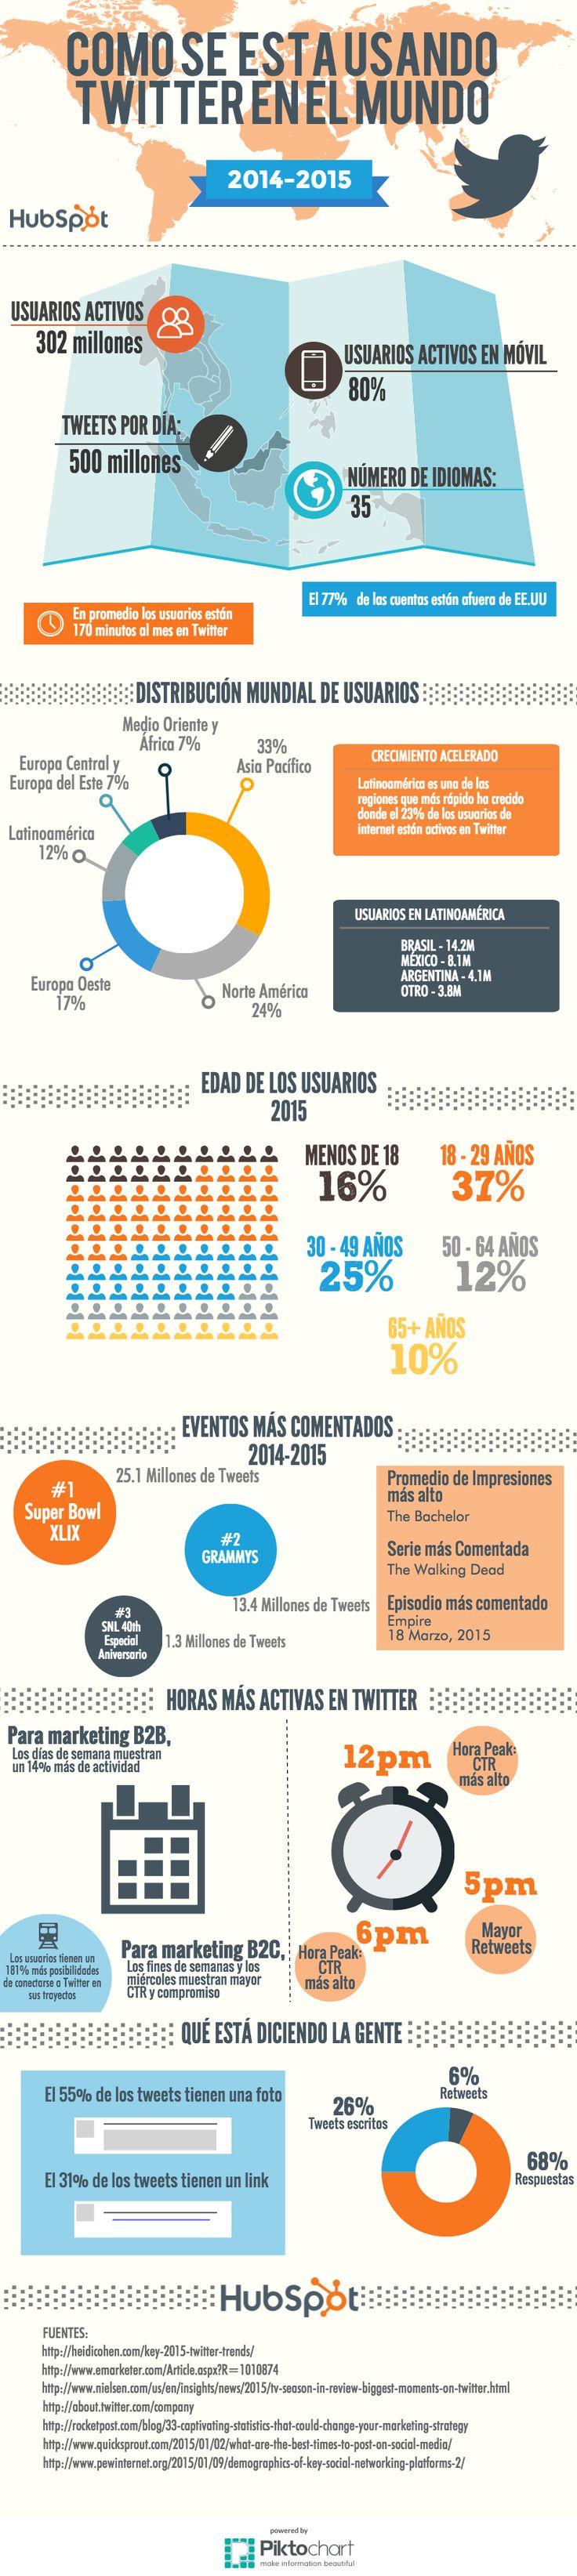 Cómo se está usando Twitter en el mundo 2015. Infografía en español. #CommunityManager